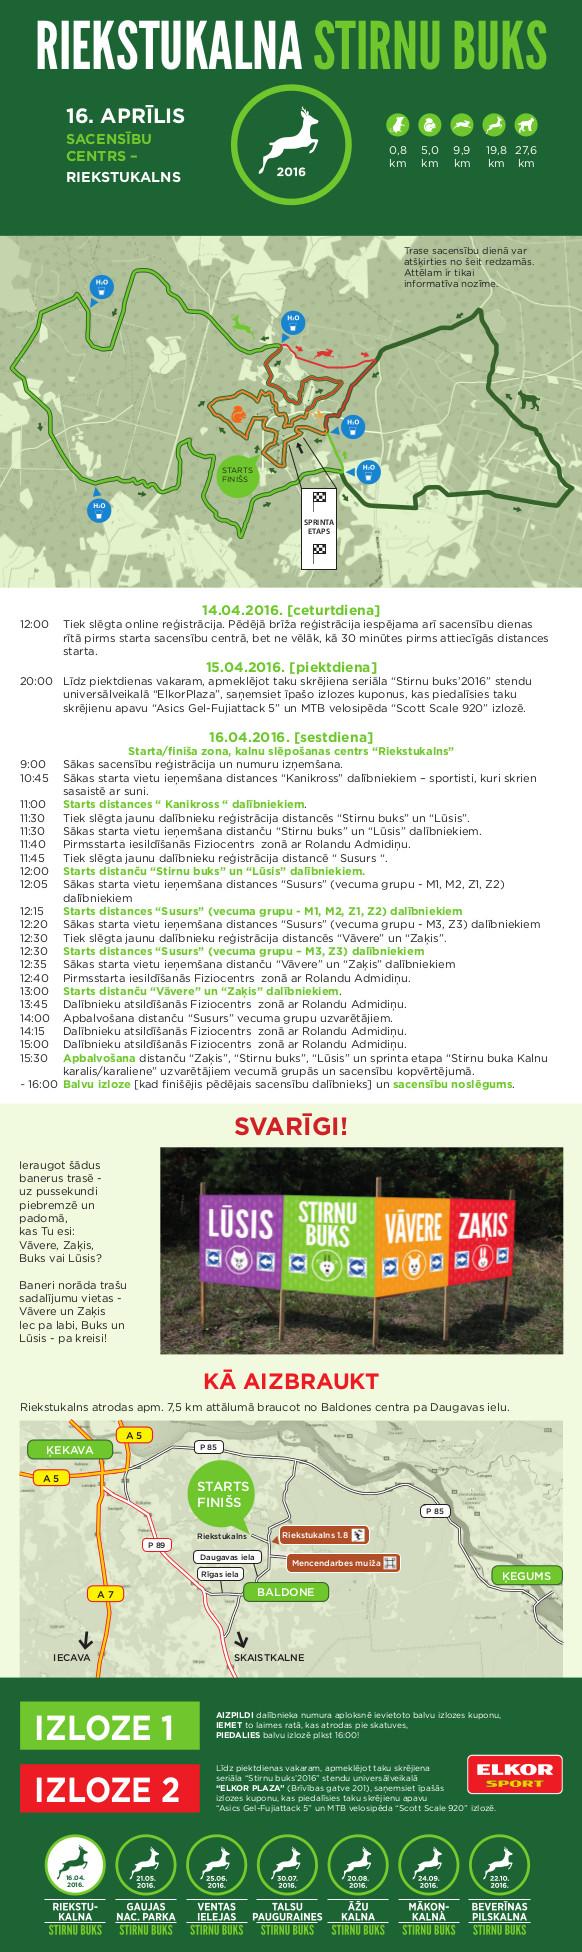 info lapa Riekstukalns (1)